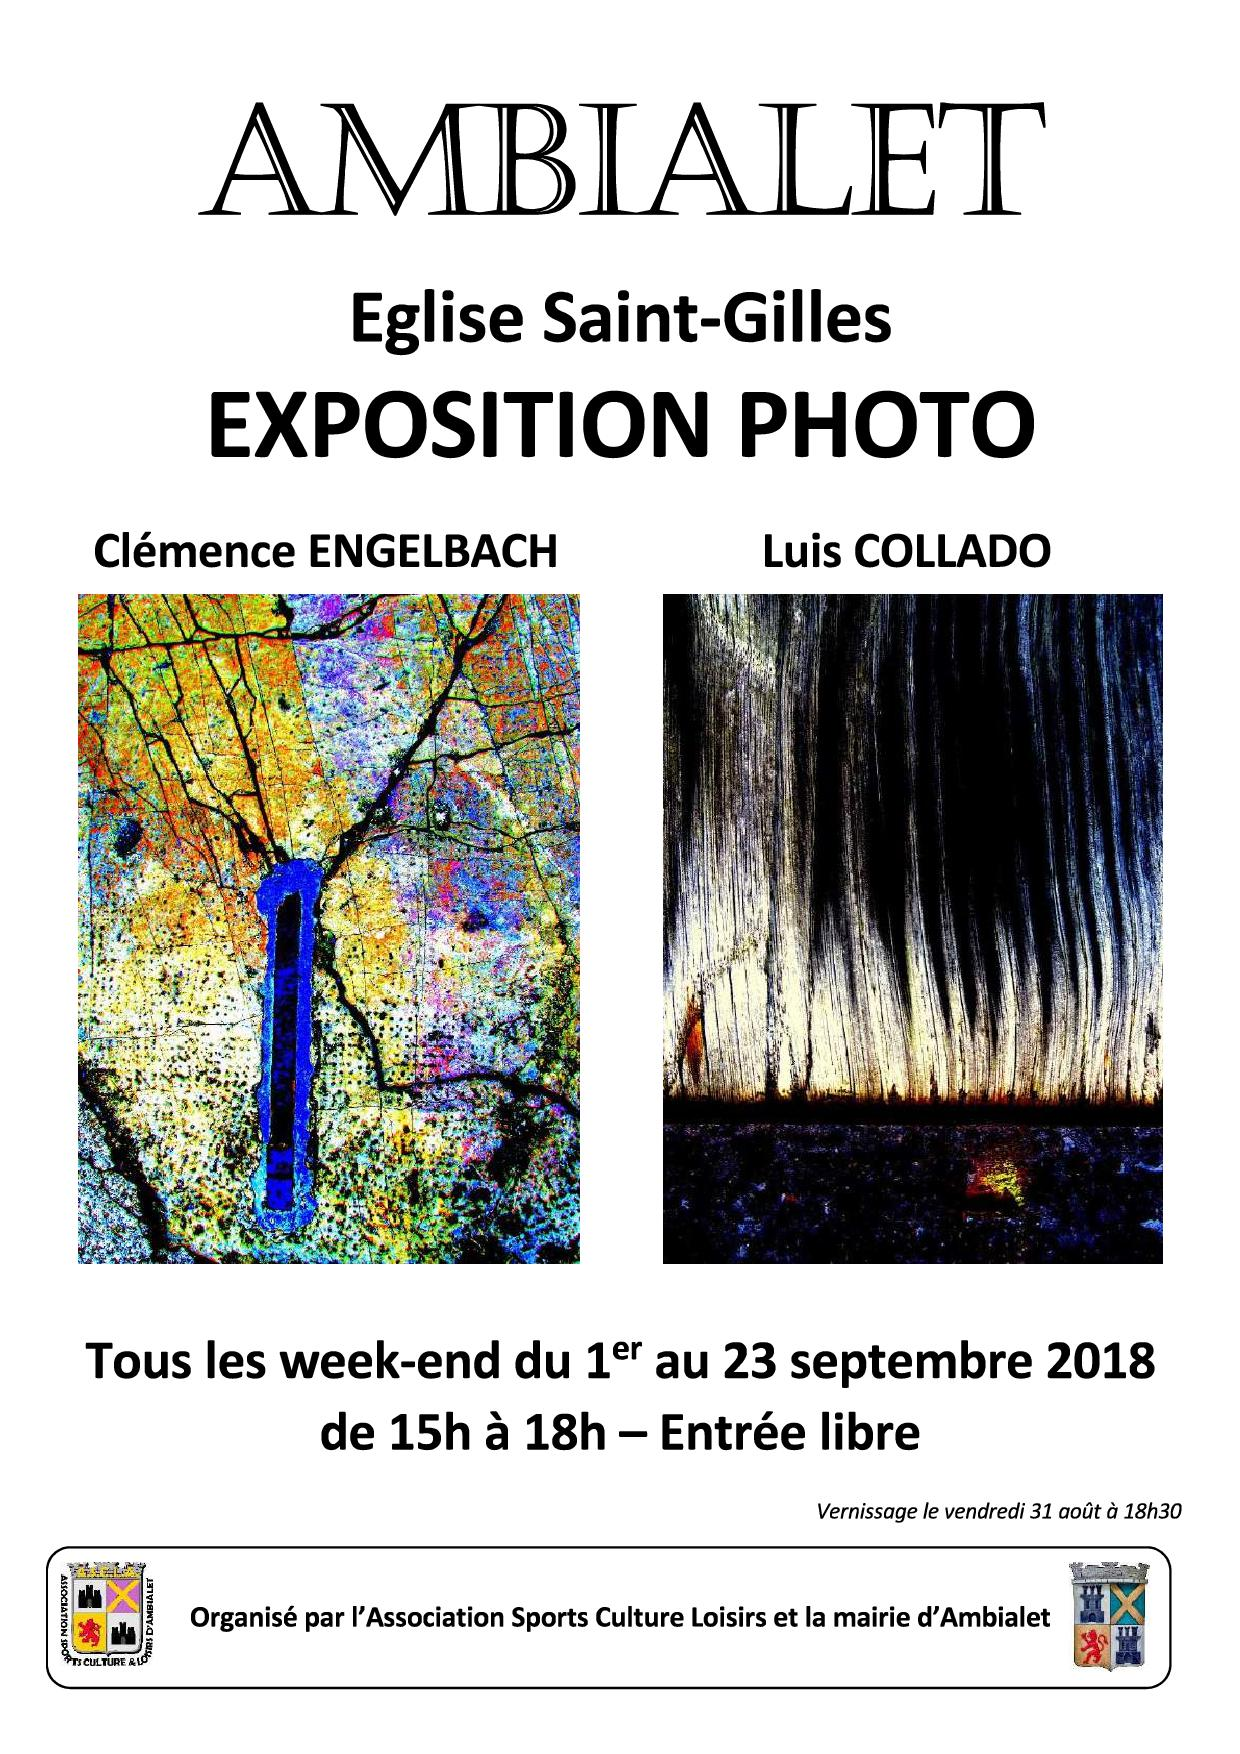 Exposition 1er au 23 septembre 2018